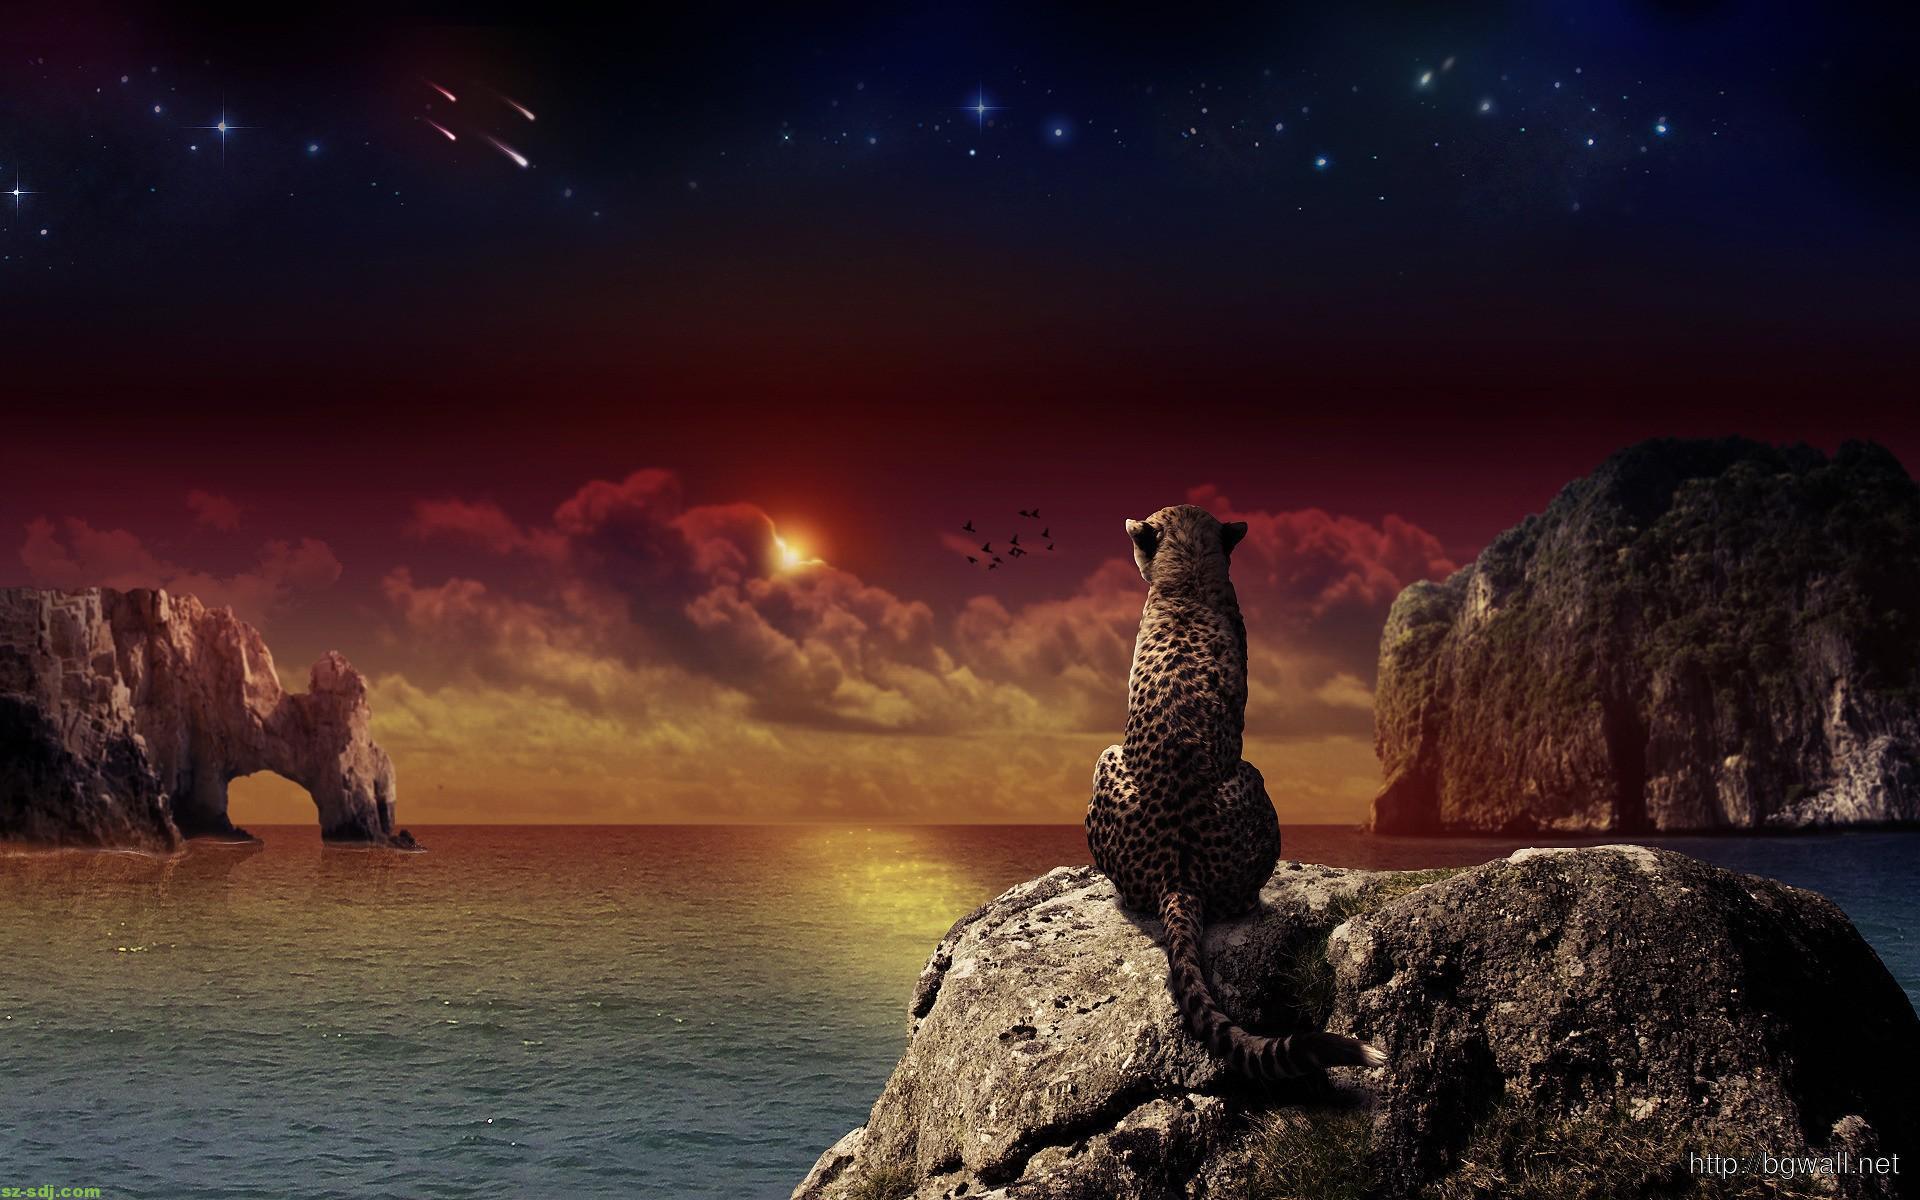 awesome-cheetah-fantasy-wallpaper